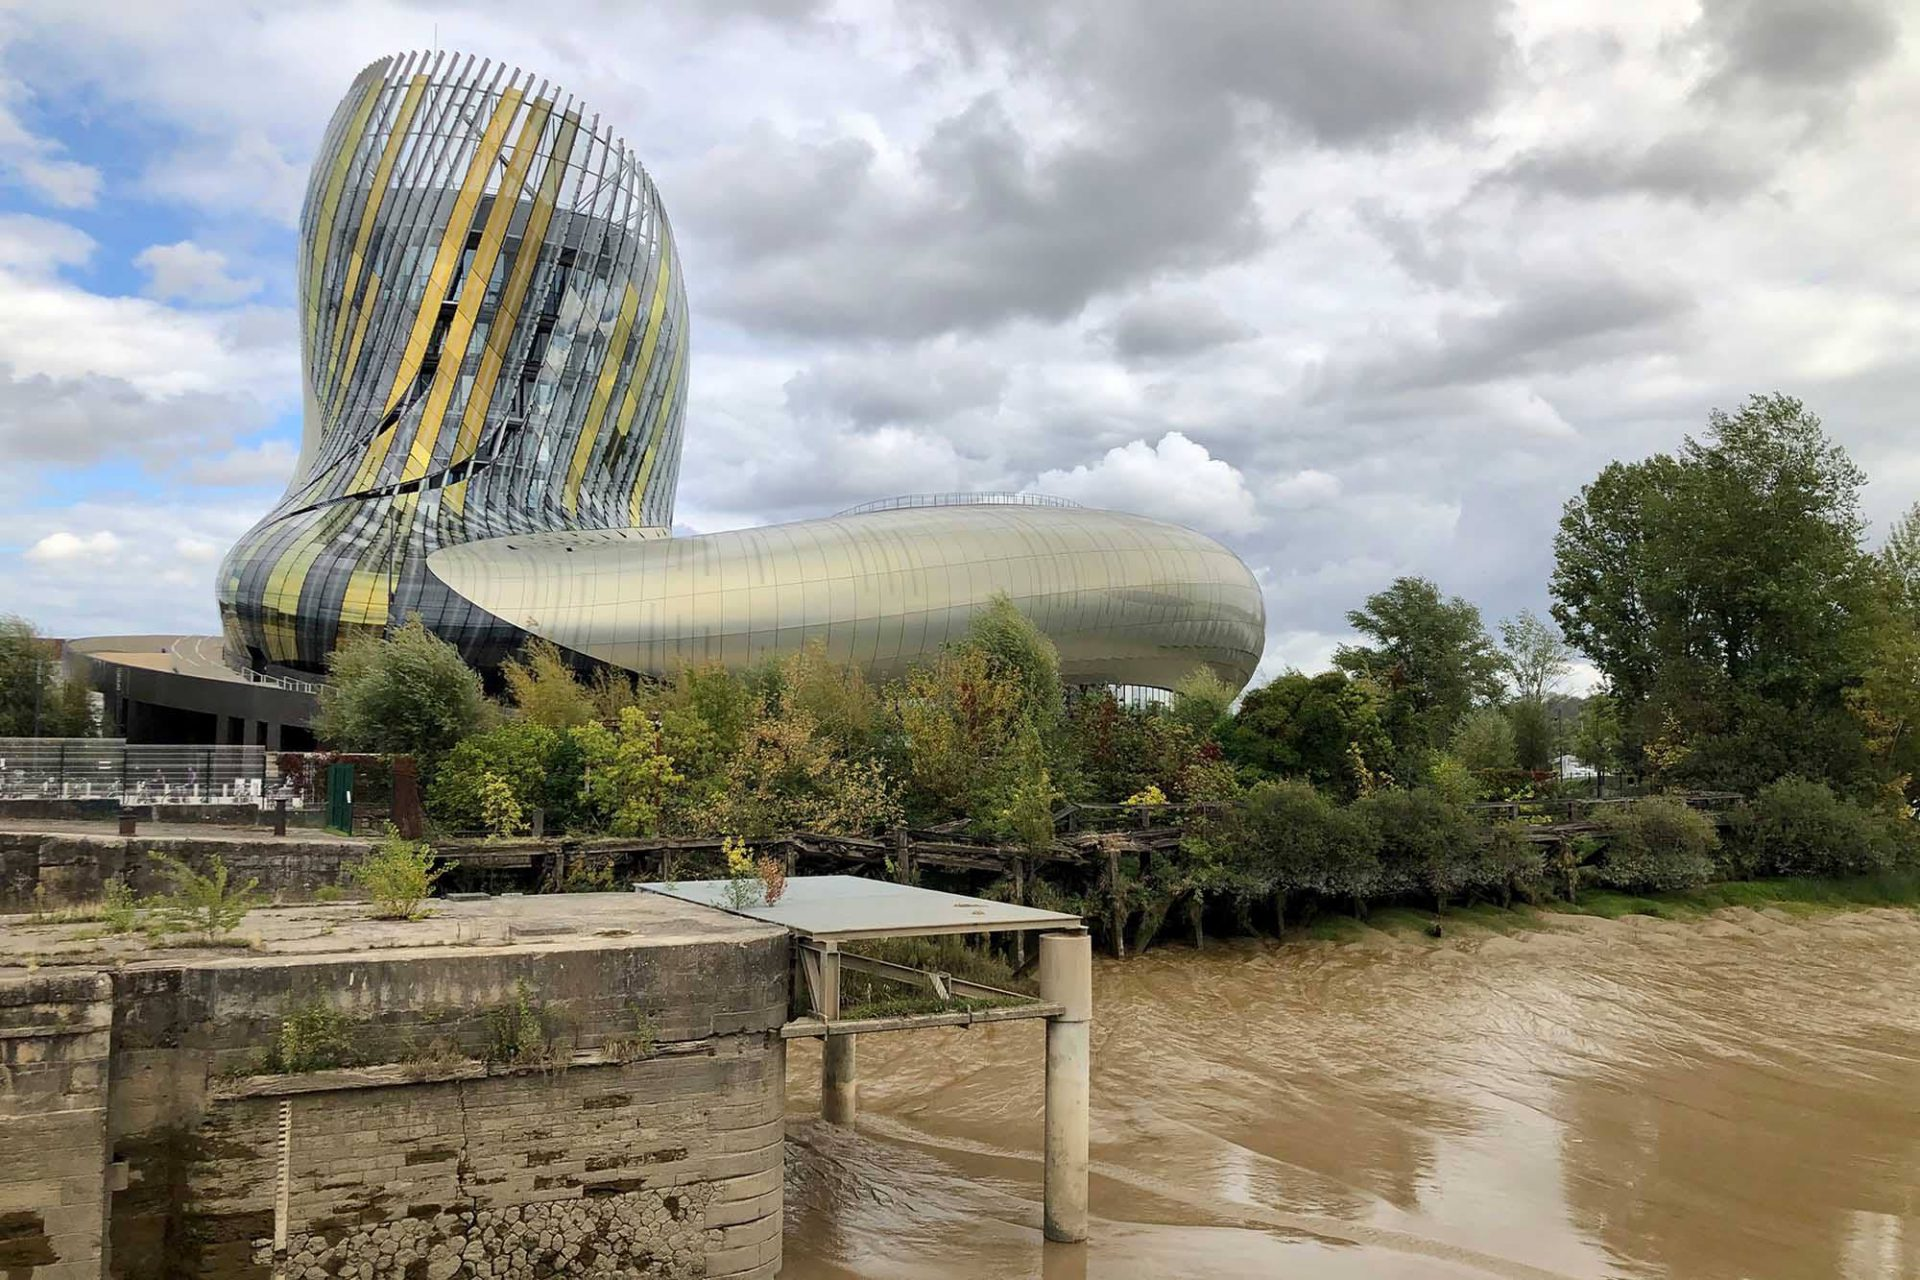 La Cité du Vin. Entwurf: Anouk Legendre, Nicolas Desmazières (XTU), 2016. Die Fassade des Museums, Themenparks und Vortragszentrums ist mit 2500 reflektierenden Aluminiumpaneelen verkleidet und bereits von Weitem sichtbar.